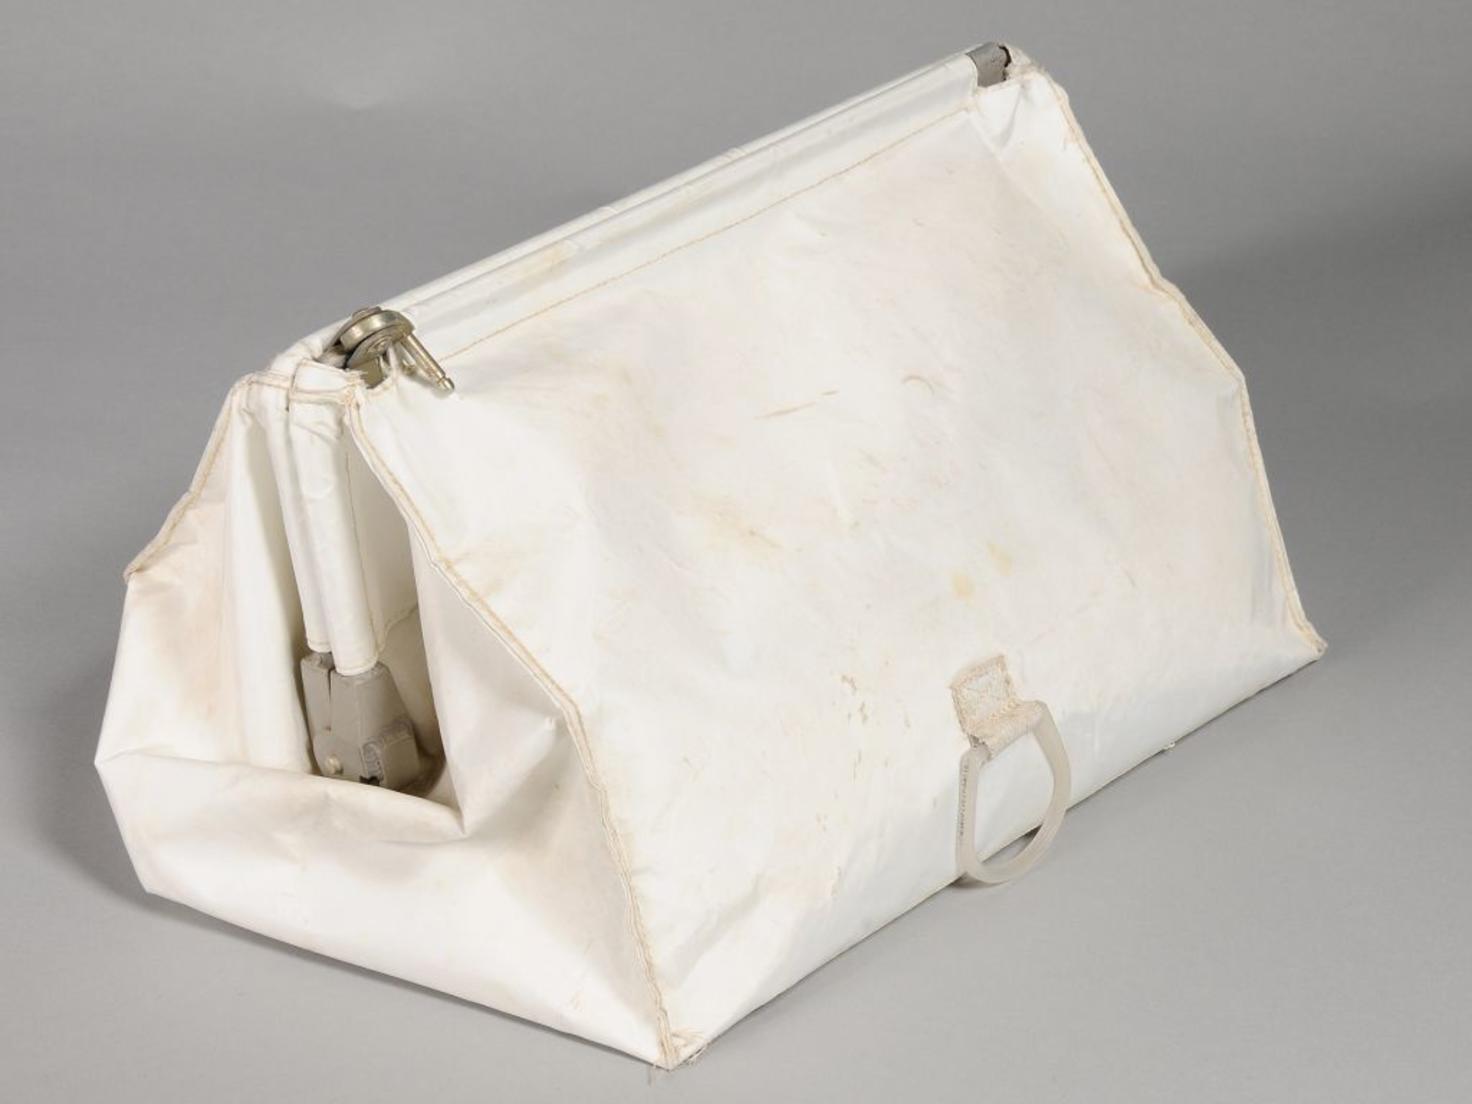 In dieser Tasche versteckte Neil Armstrong seine Mond-Souvenirs.